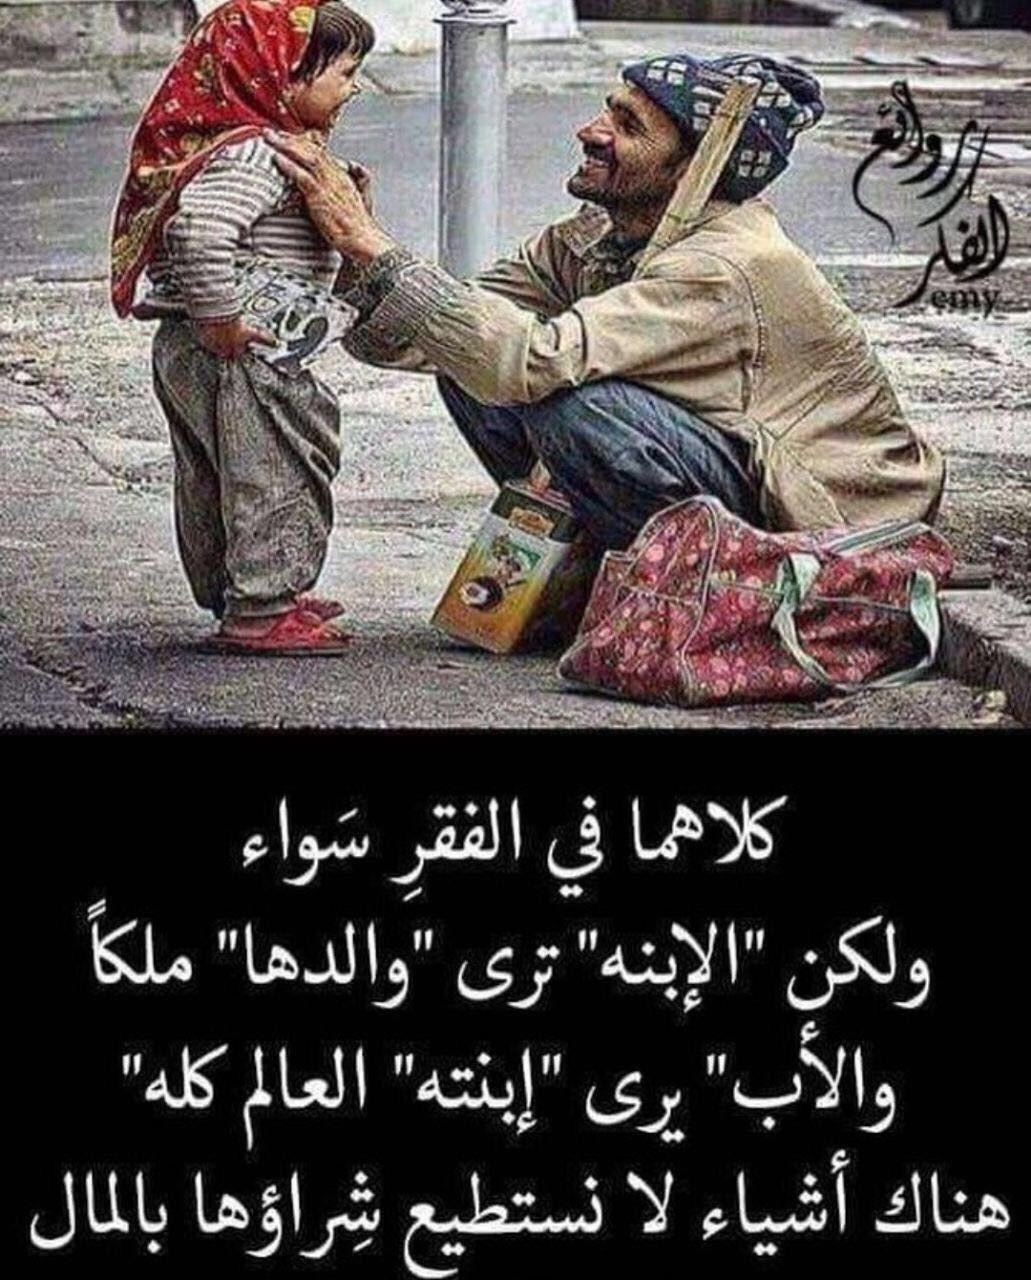 صورة وعبرة روائع الفكر Funny Arabic Quotes Wisdom Quotes Life Arabic Quotes